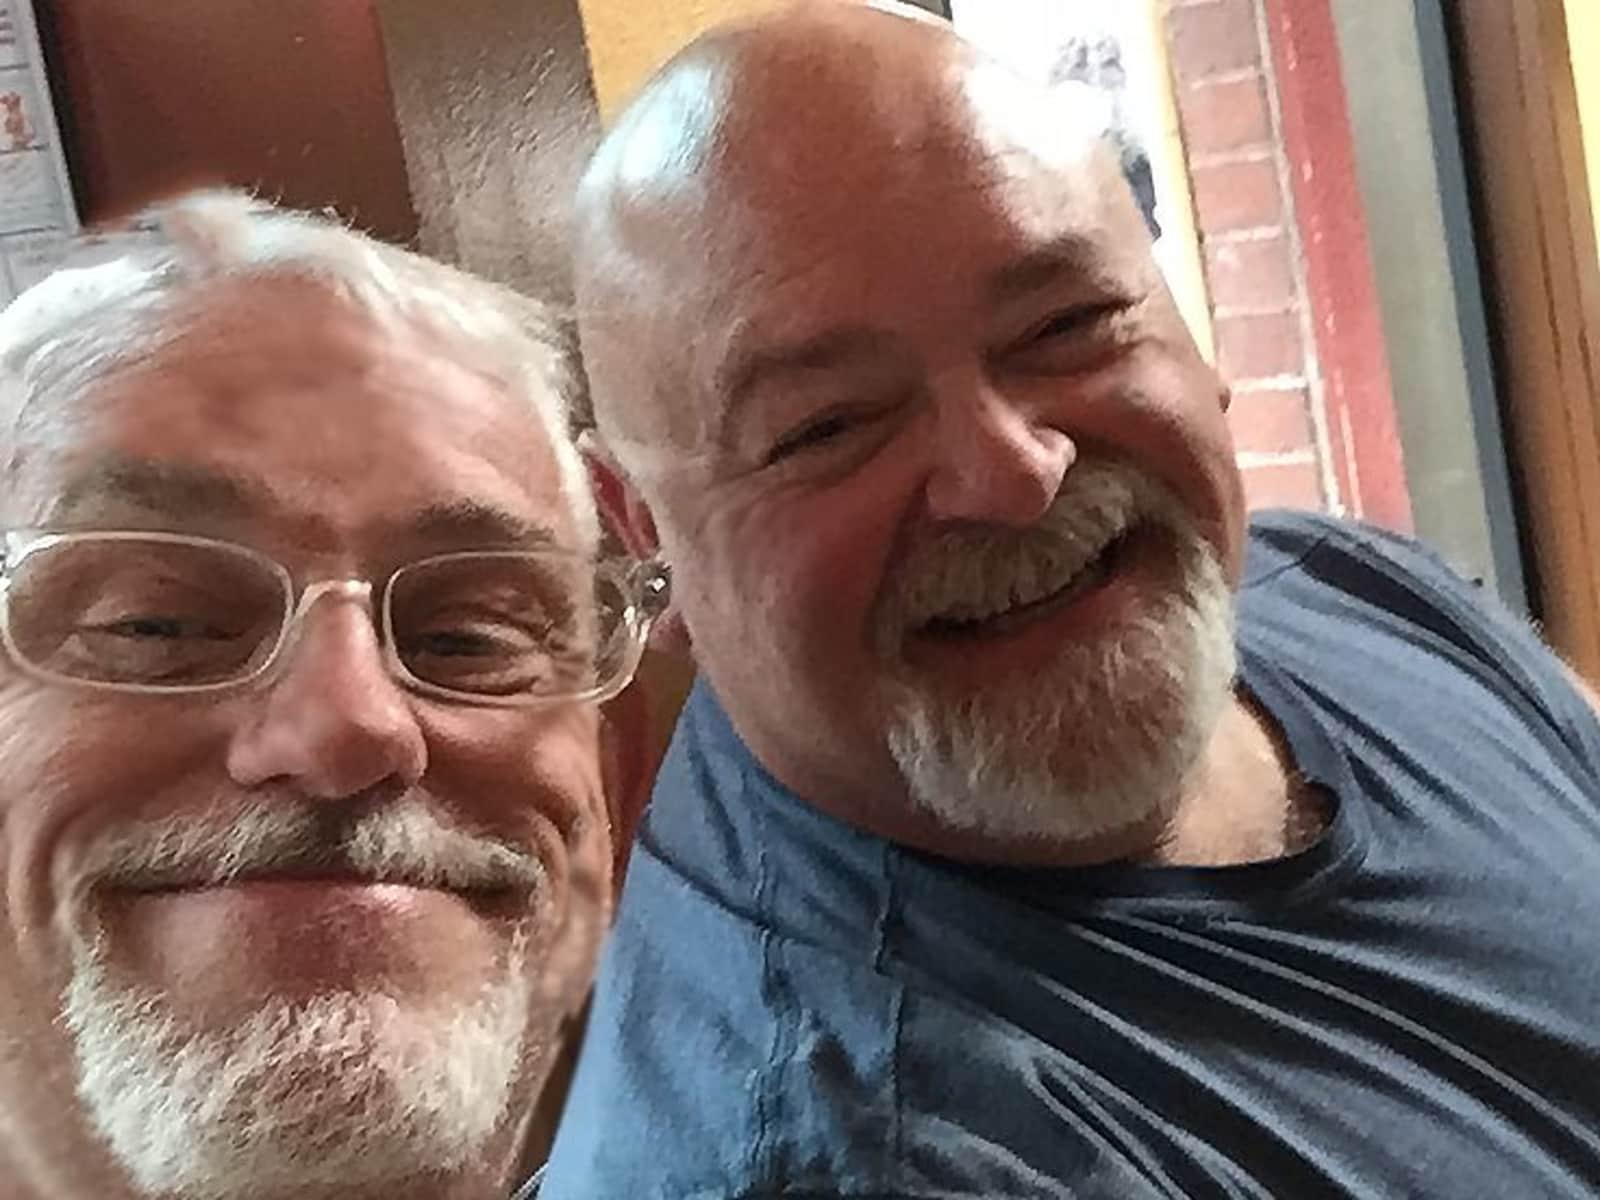 Dave & tim & Tim from Kelso, Washington, United States